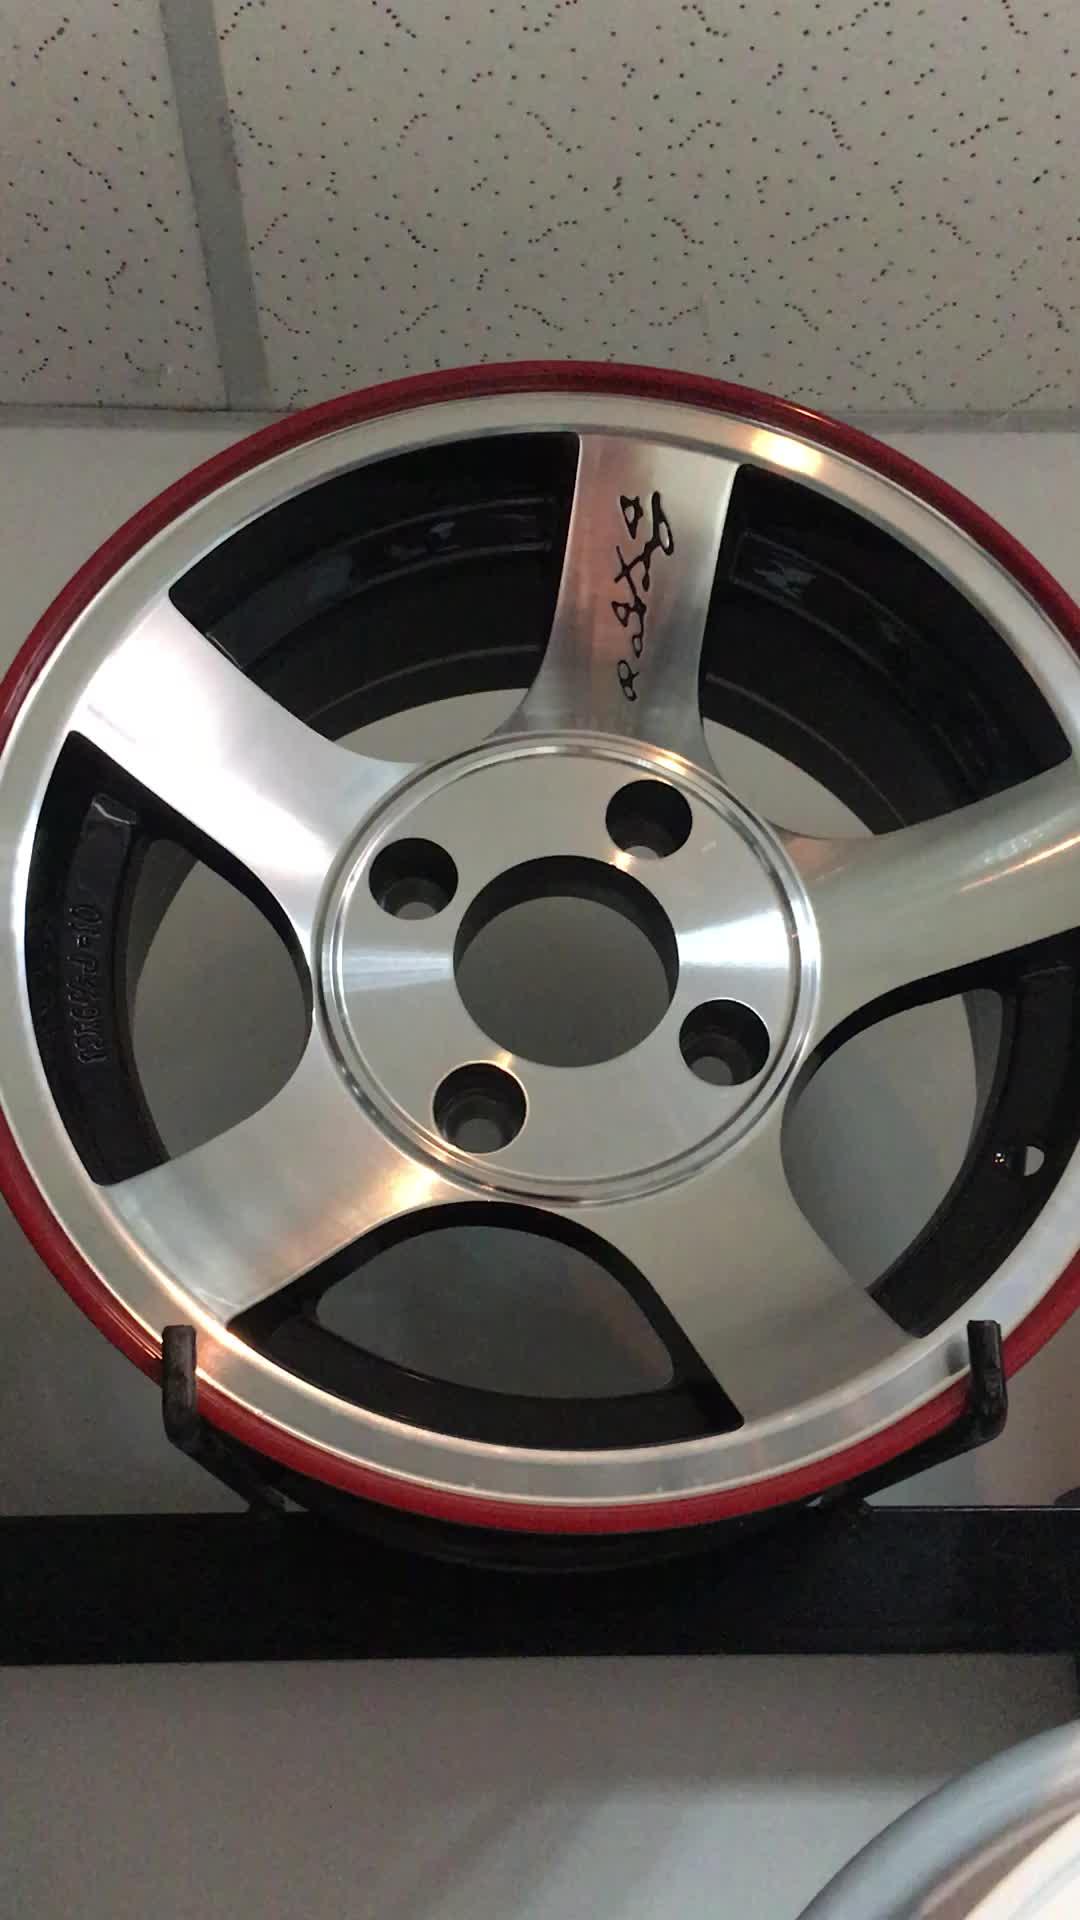 Replika Auto 5x130 paduan aluminium roda rim untuk mobil